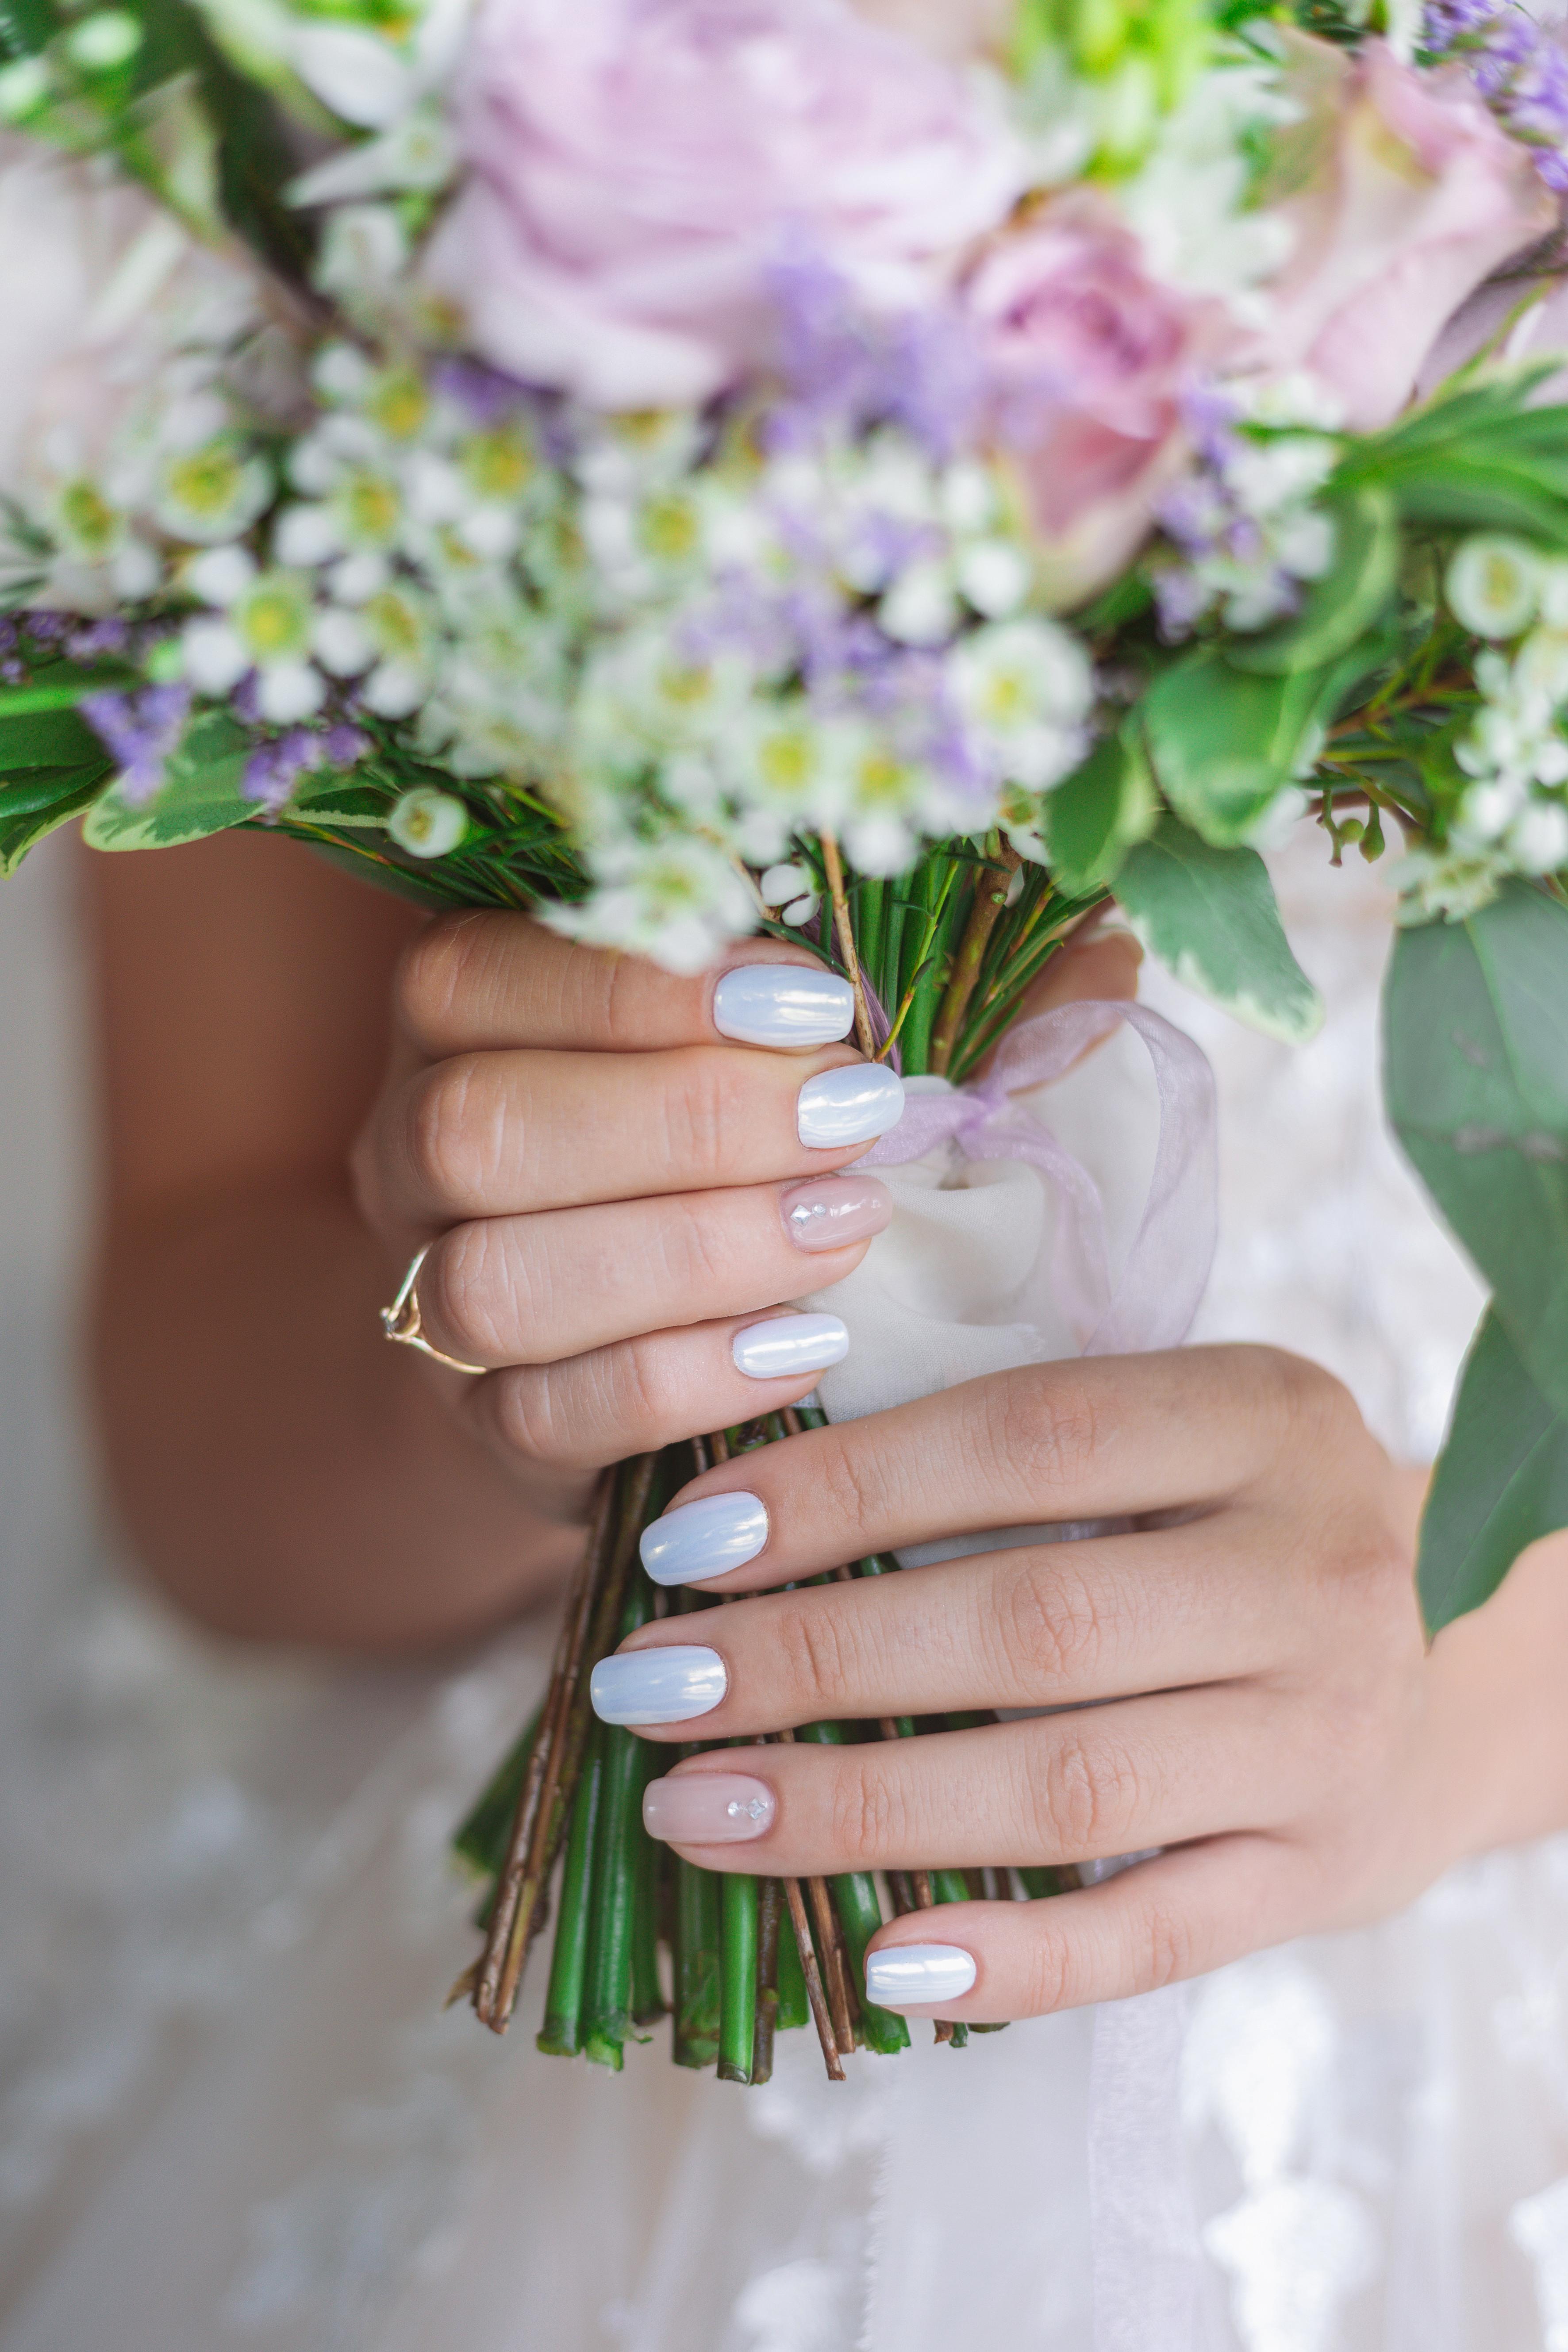 MISSU Luxury Gel Manicure